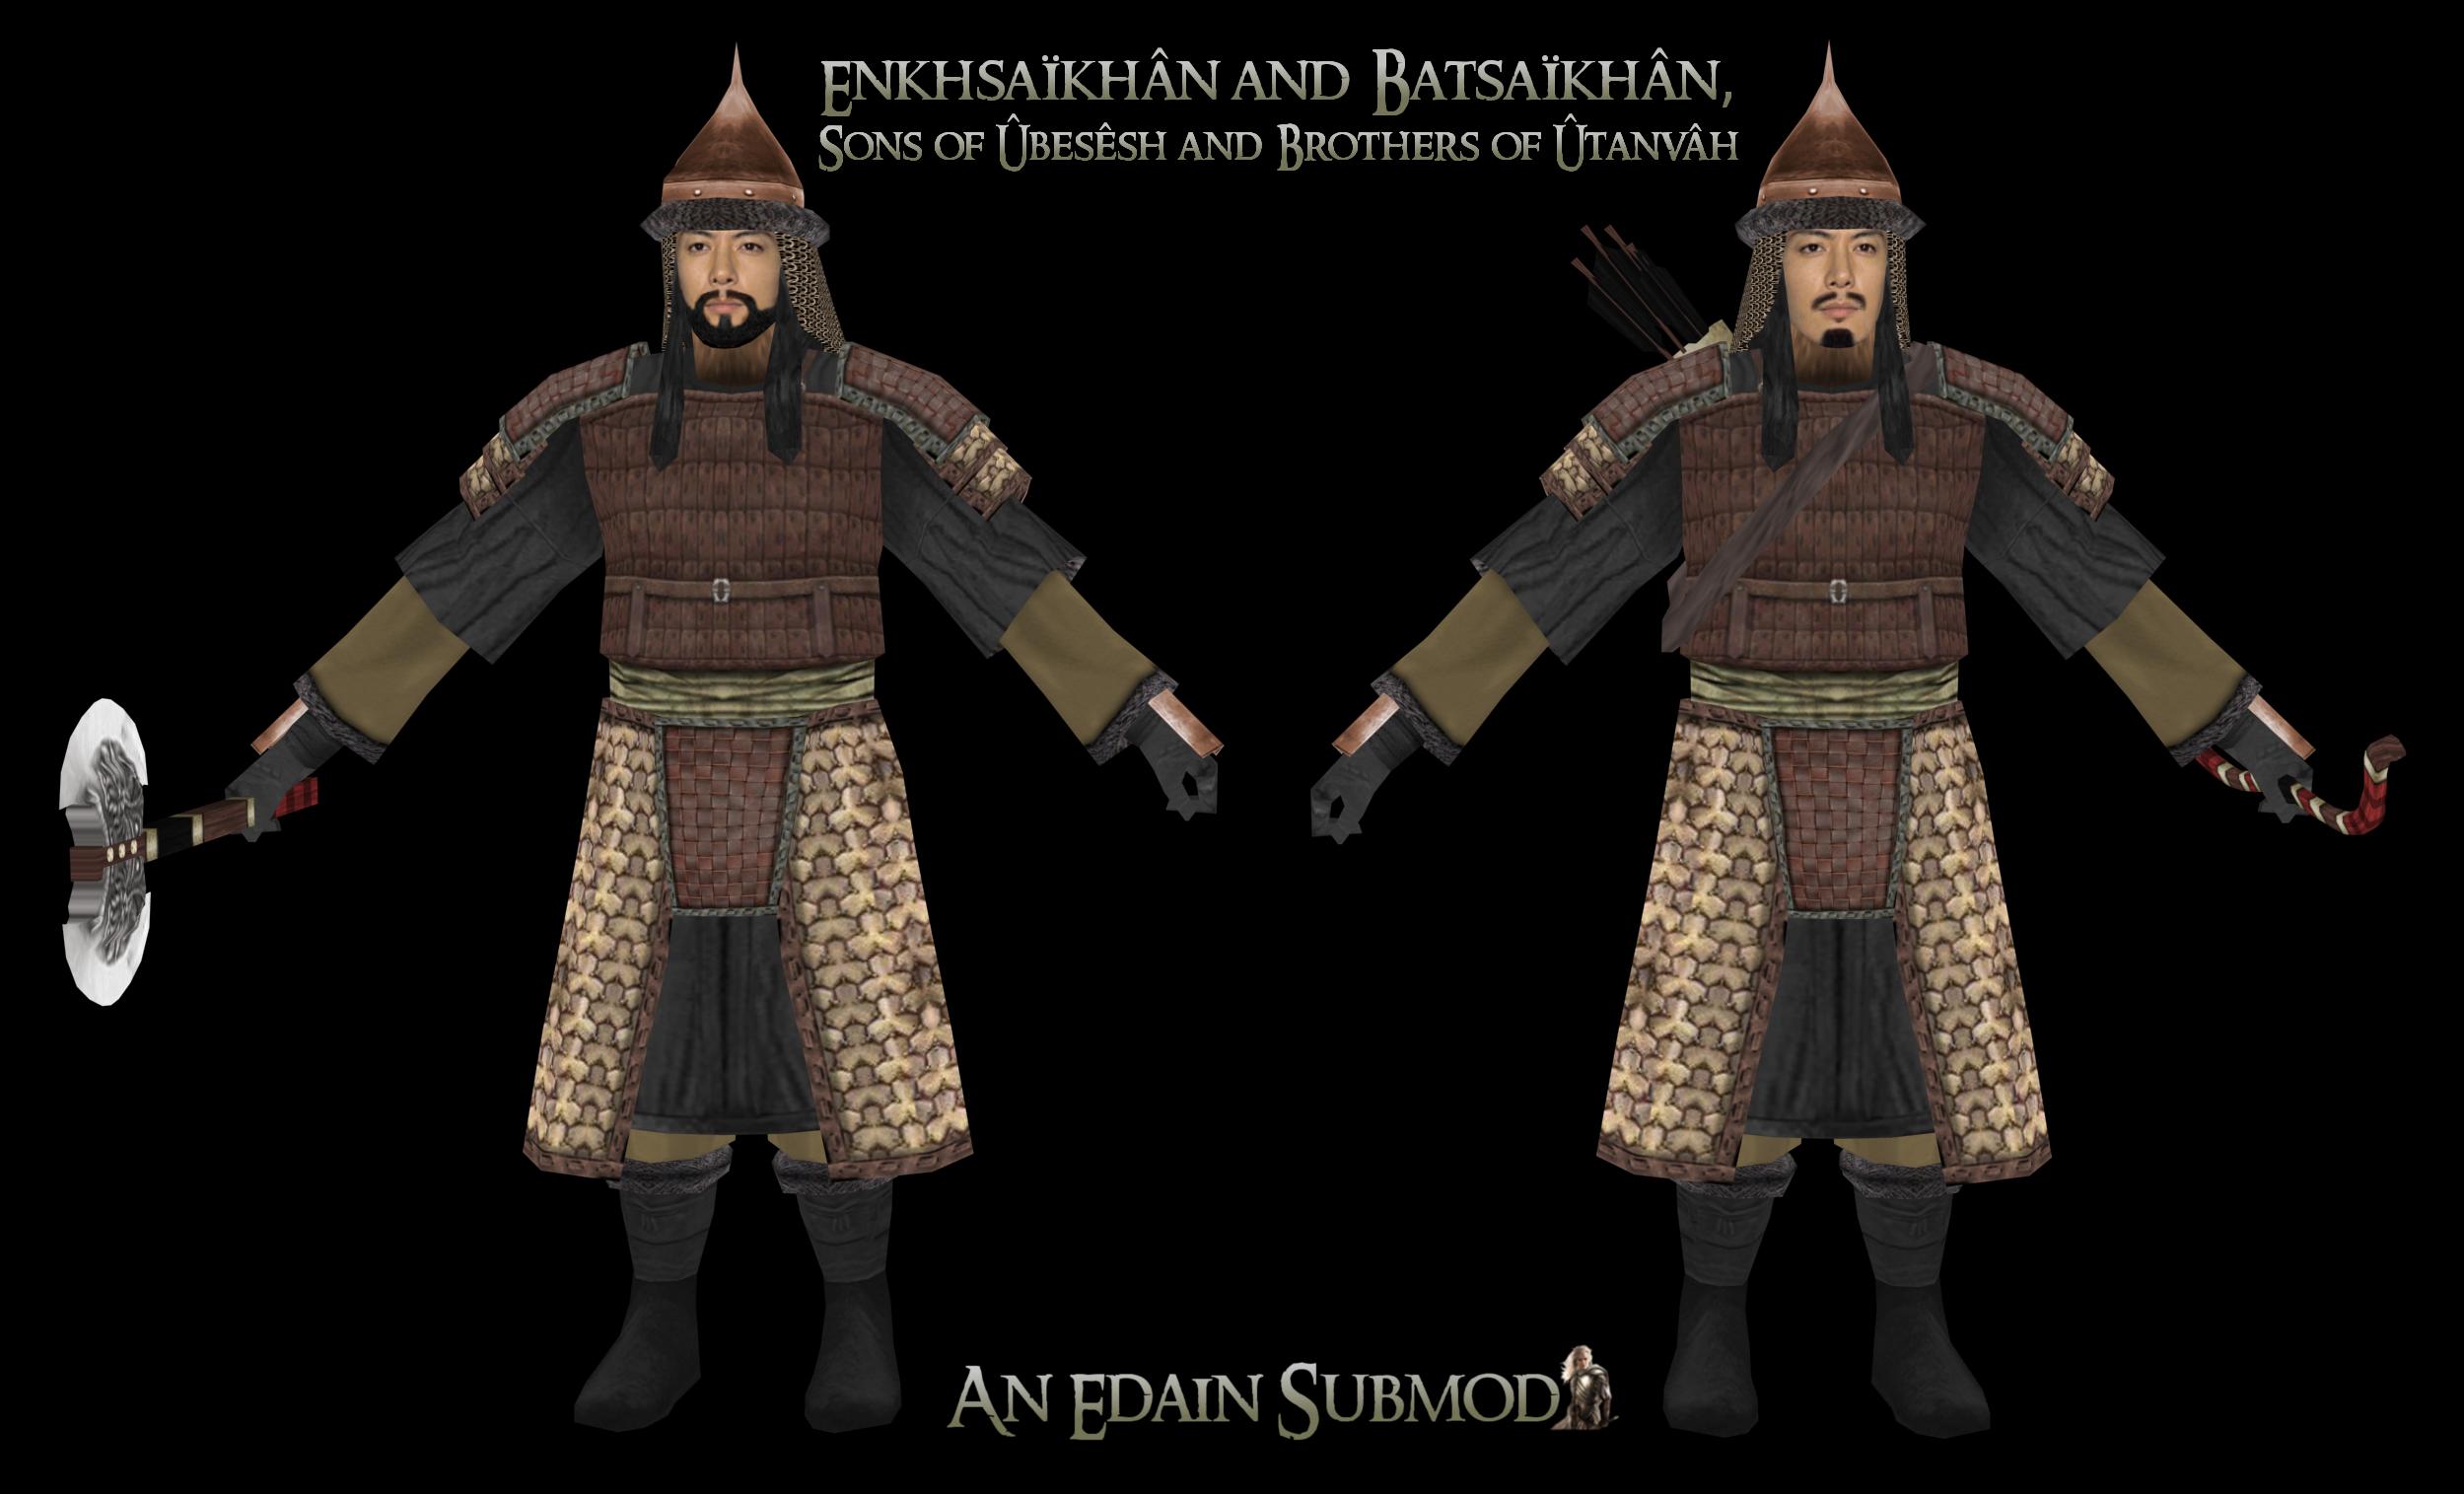 Enkhsaïkhân and Batsaïkhân, Twins of Ûbesêsh and Brothers of Ûtanvâh